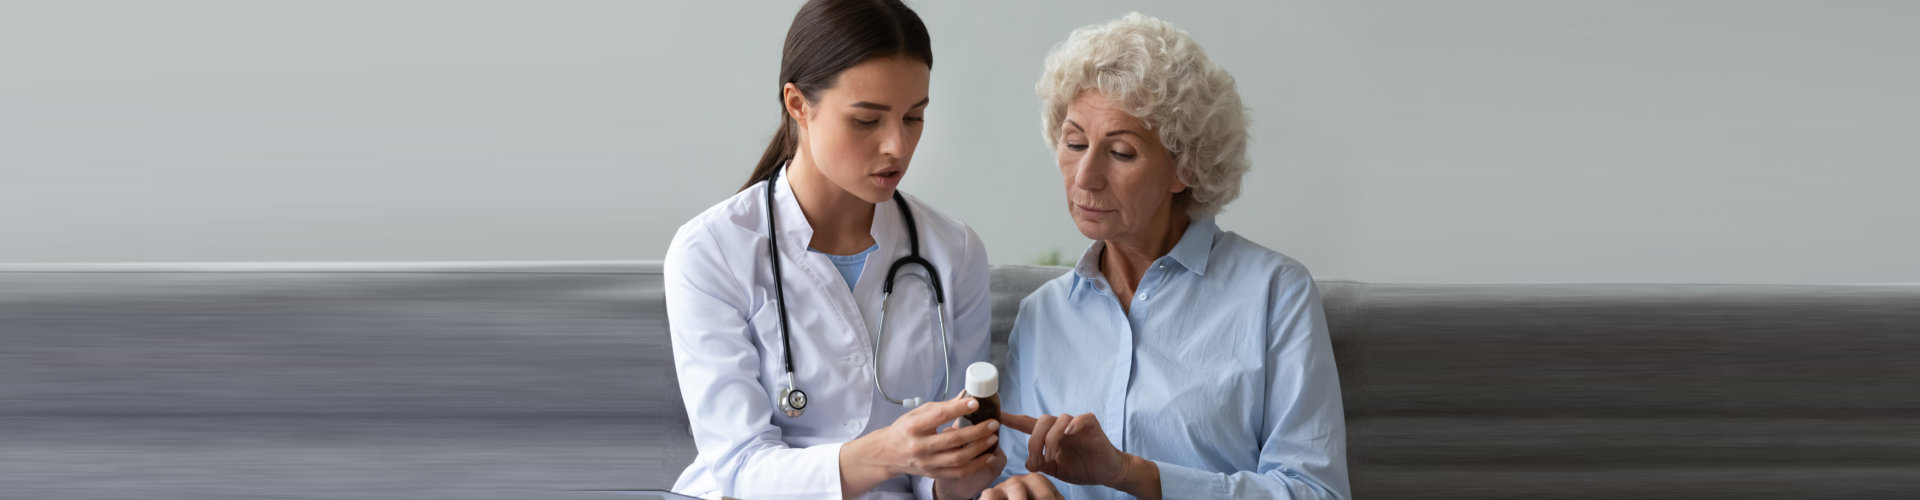 nurse explaining antibiotic pill dosage to senior woman